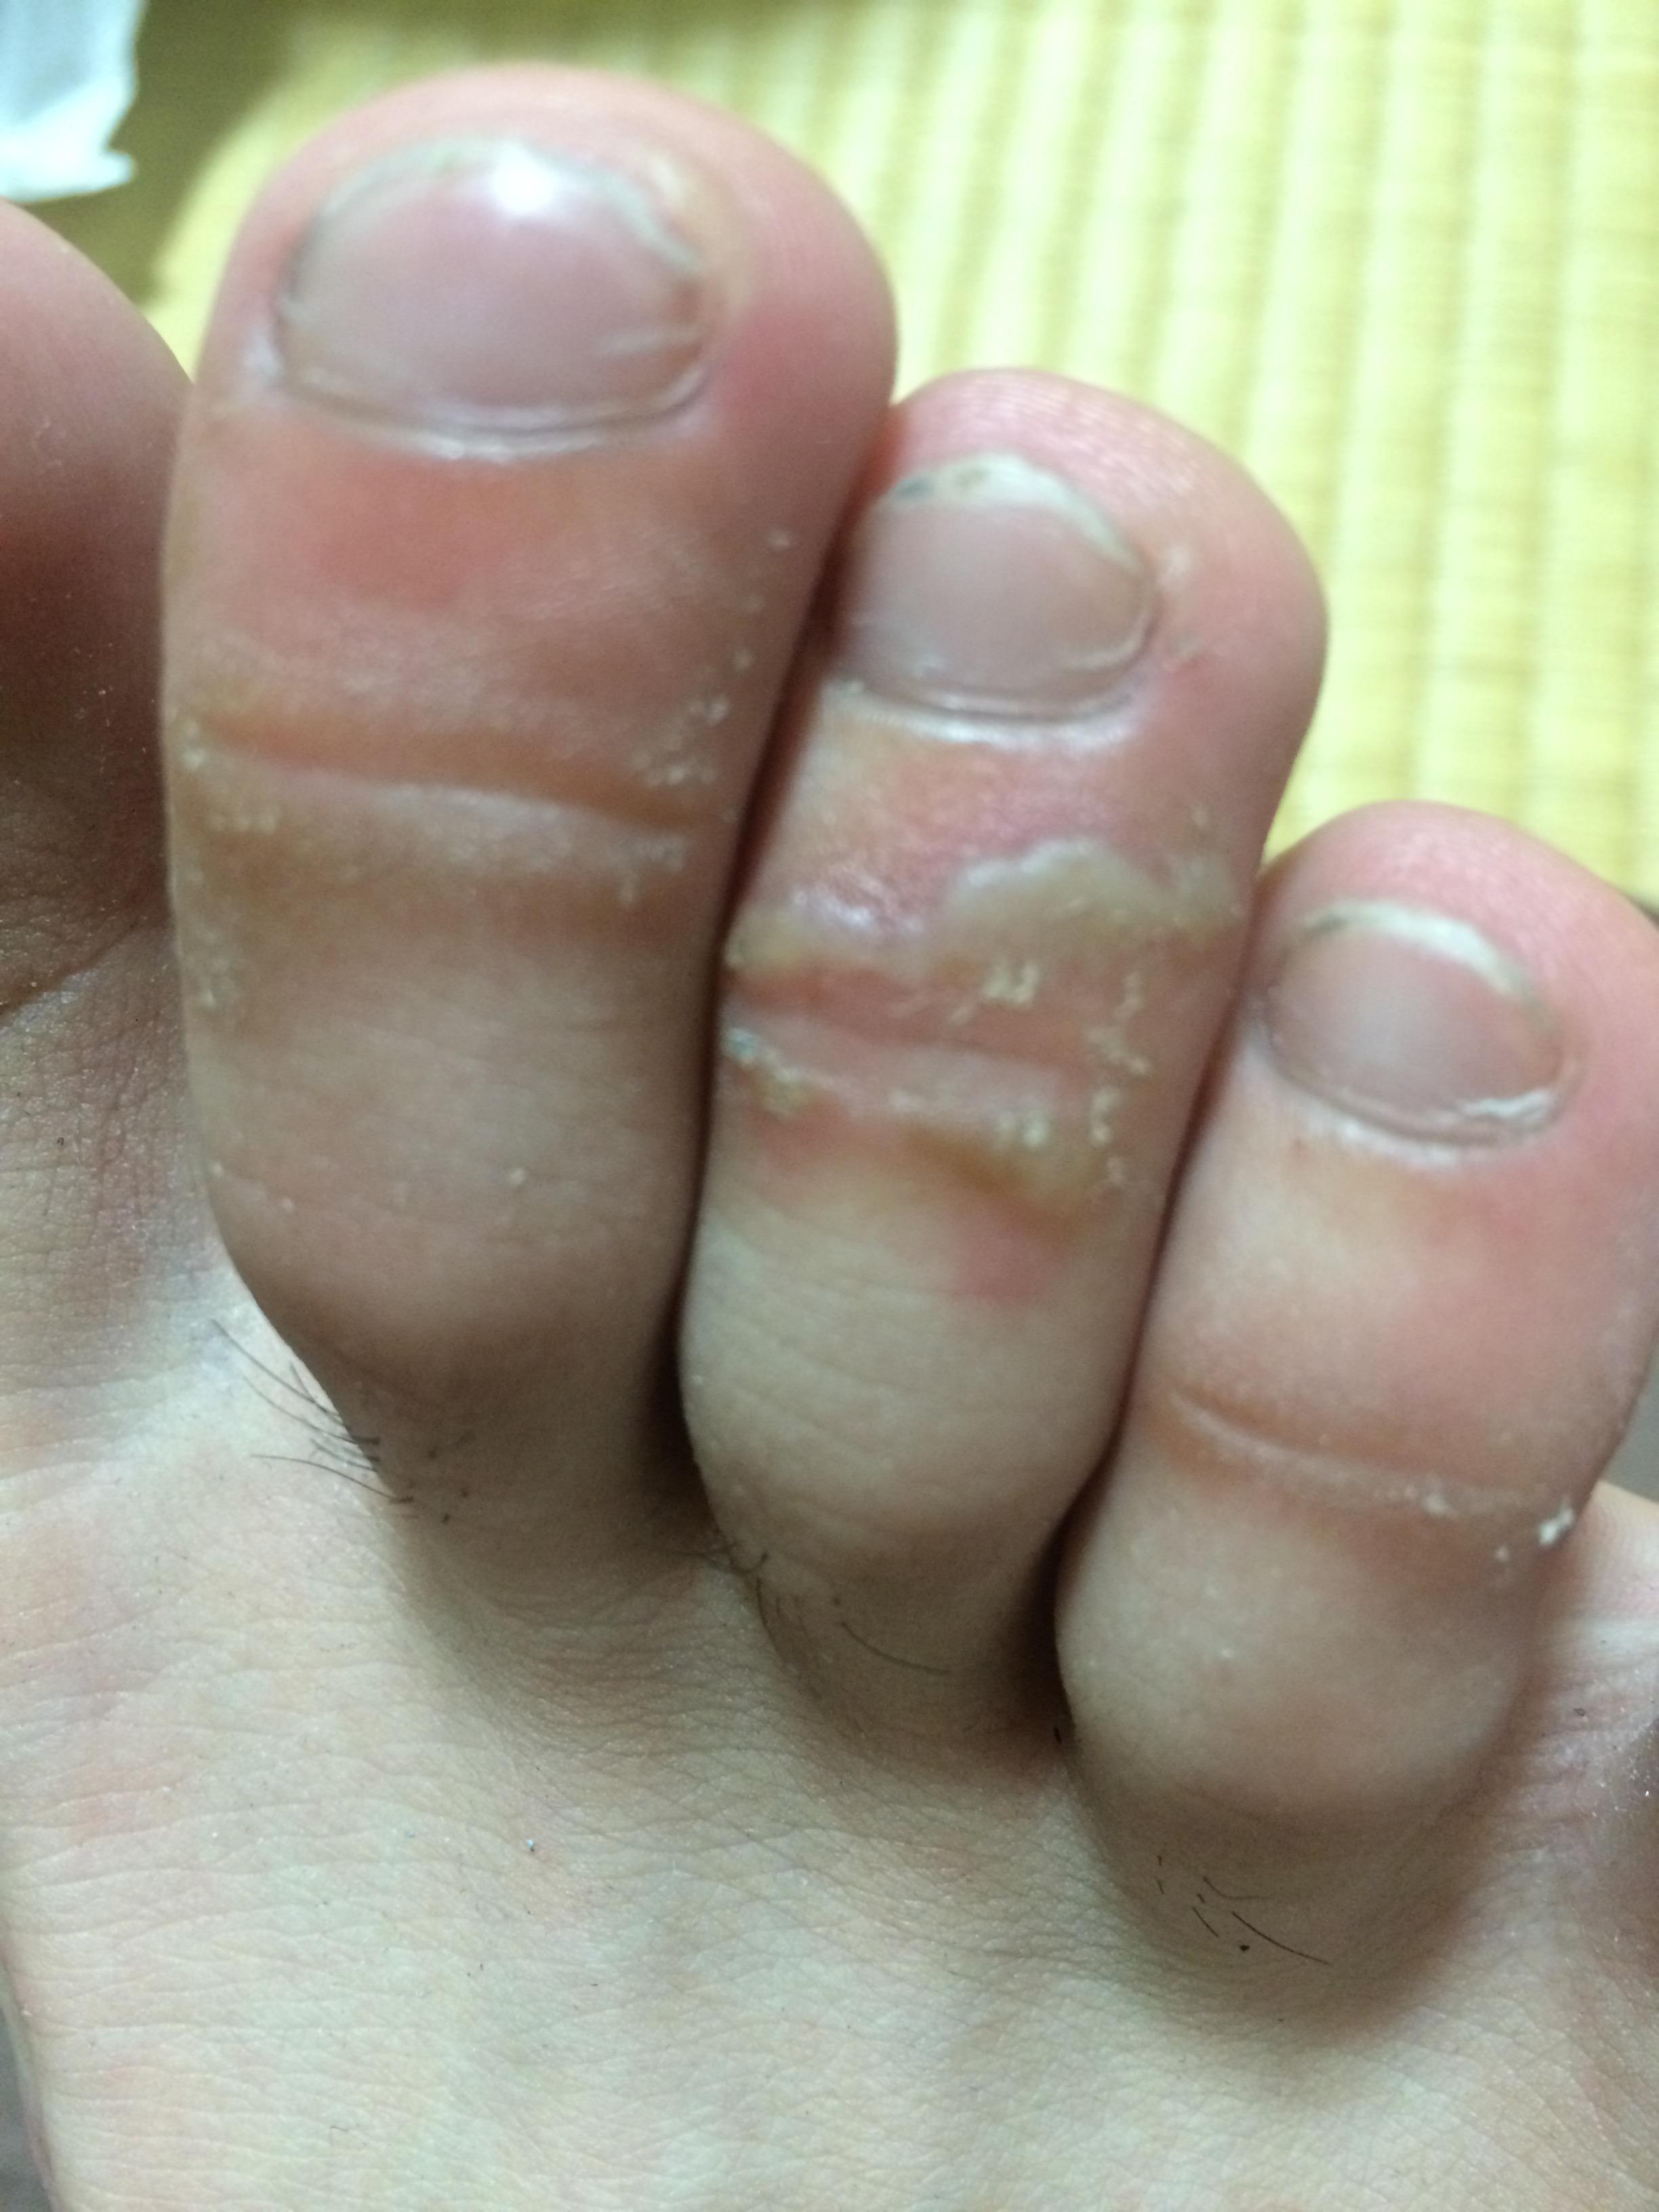 かゆいわけでもなく、水虫ではないと思うのですが、 靴と擦れて水ぶくれになっただけですかね? 何かわかる方いらっしゃいましたら教えてください